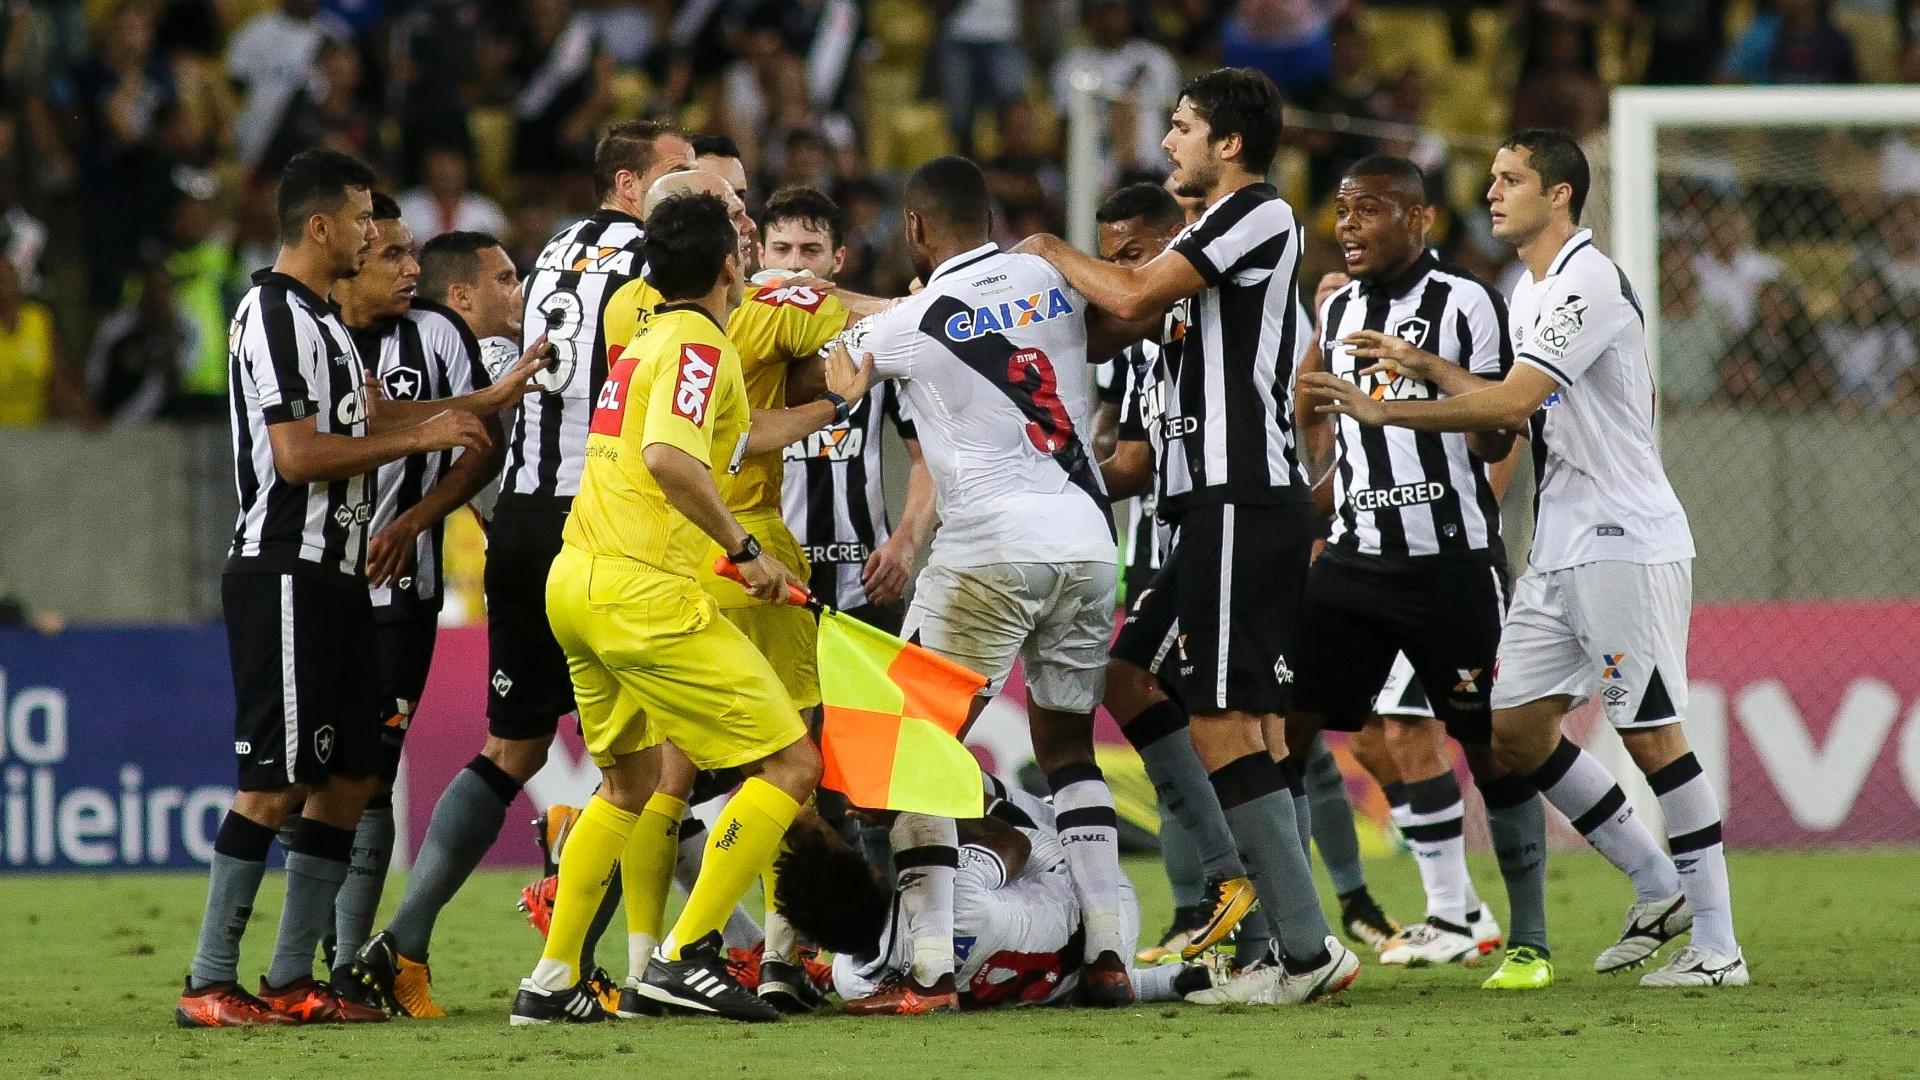 Jogadores de Vasco e Botafogo se envolvem em confusão em volta de Paulo Vitor